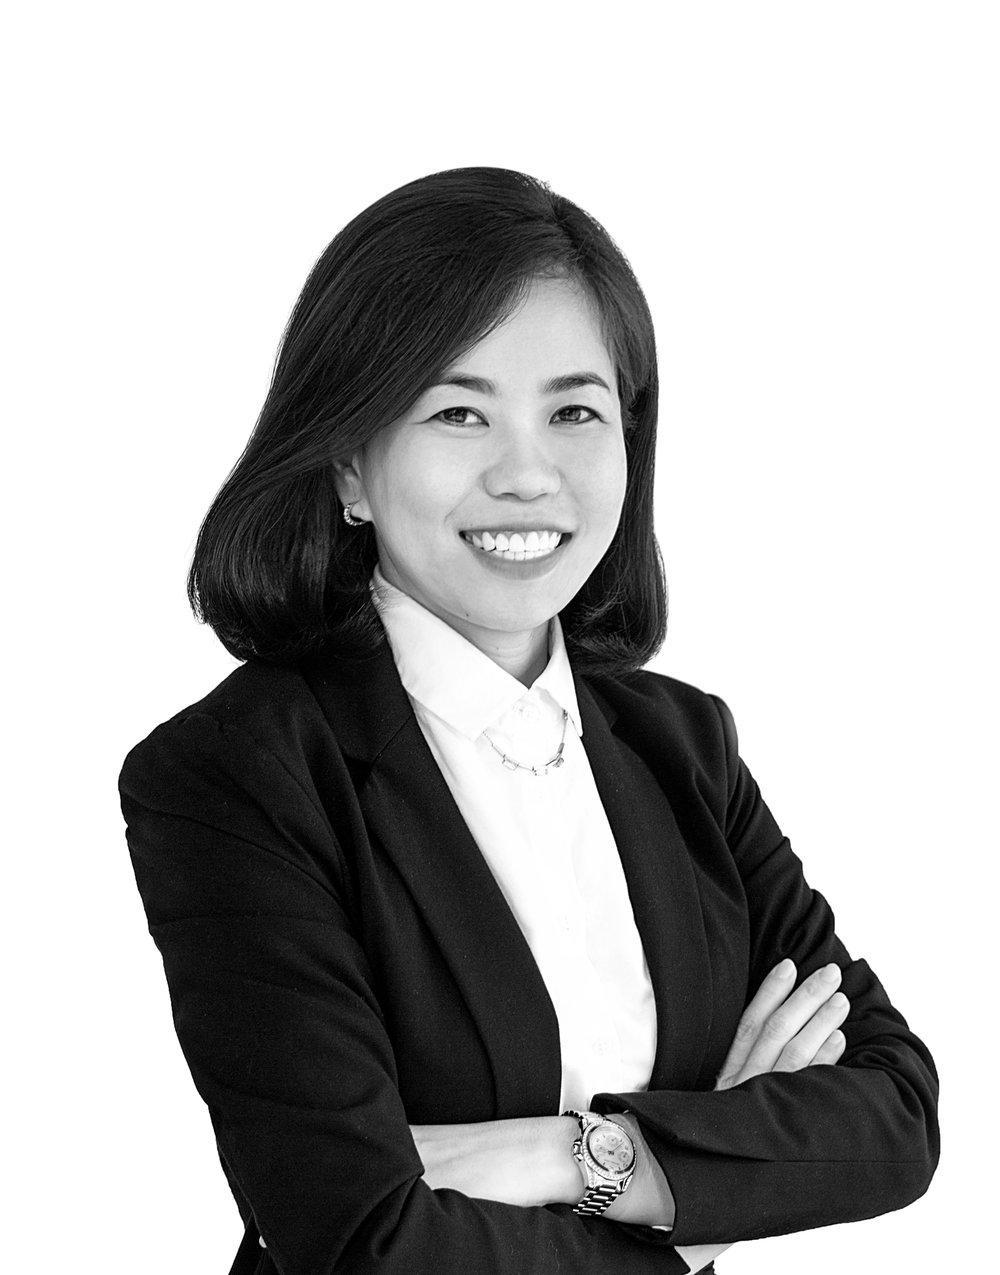 Karen-Chanh-1.jpg